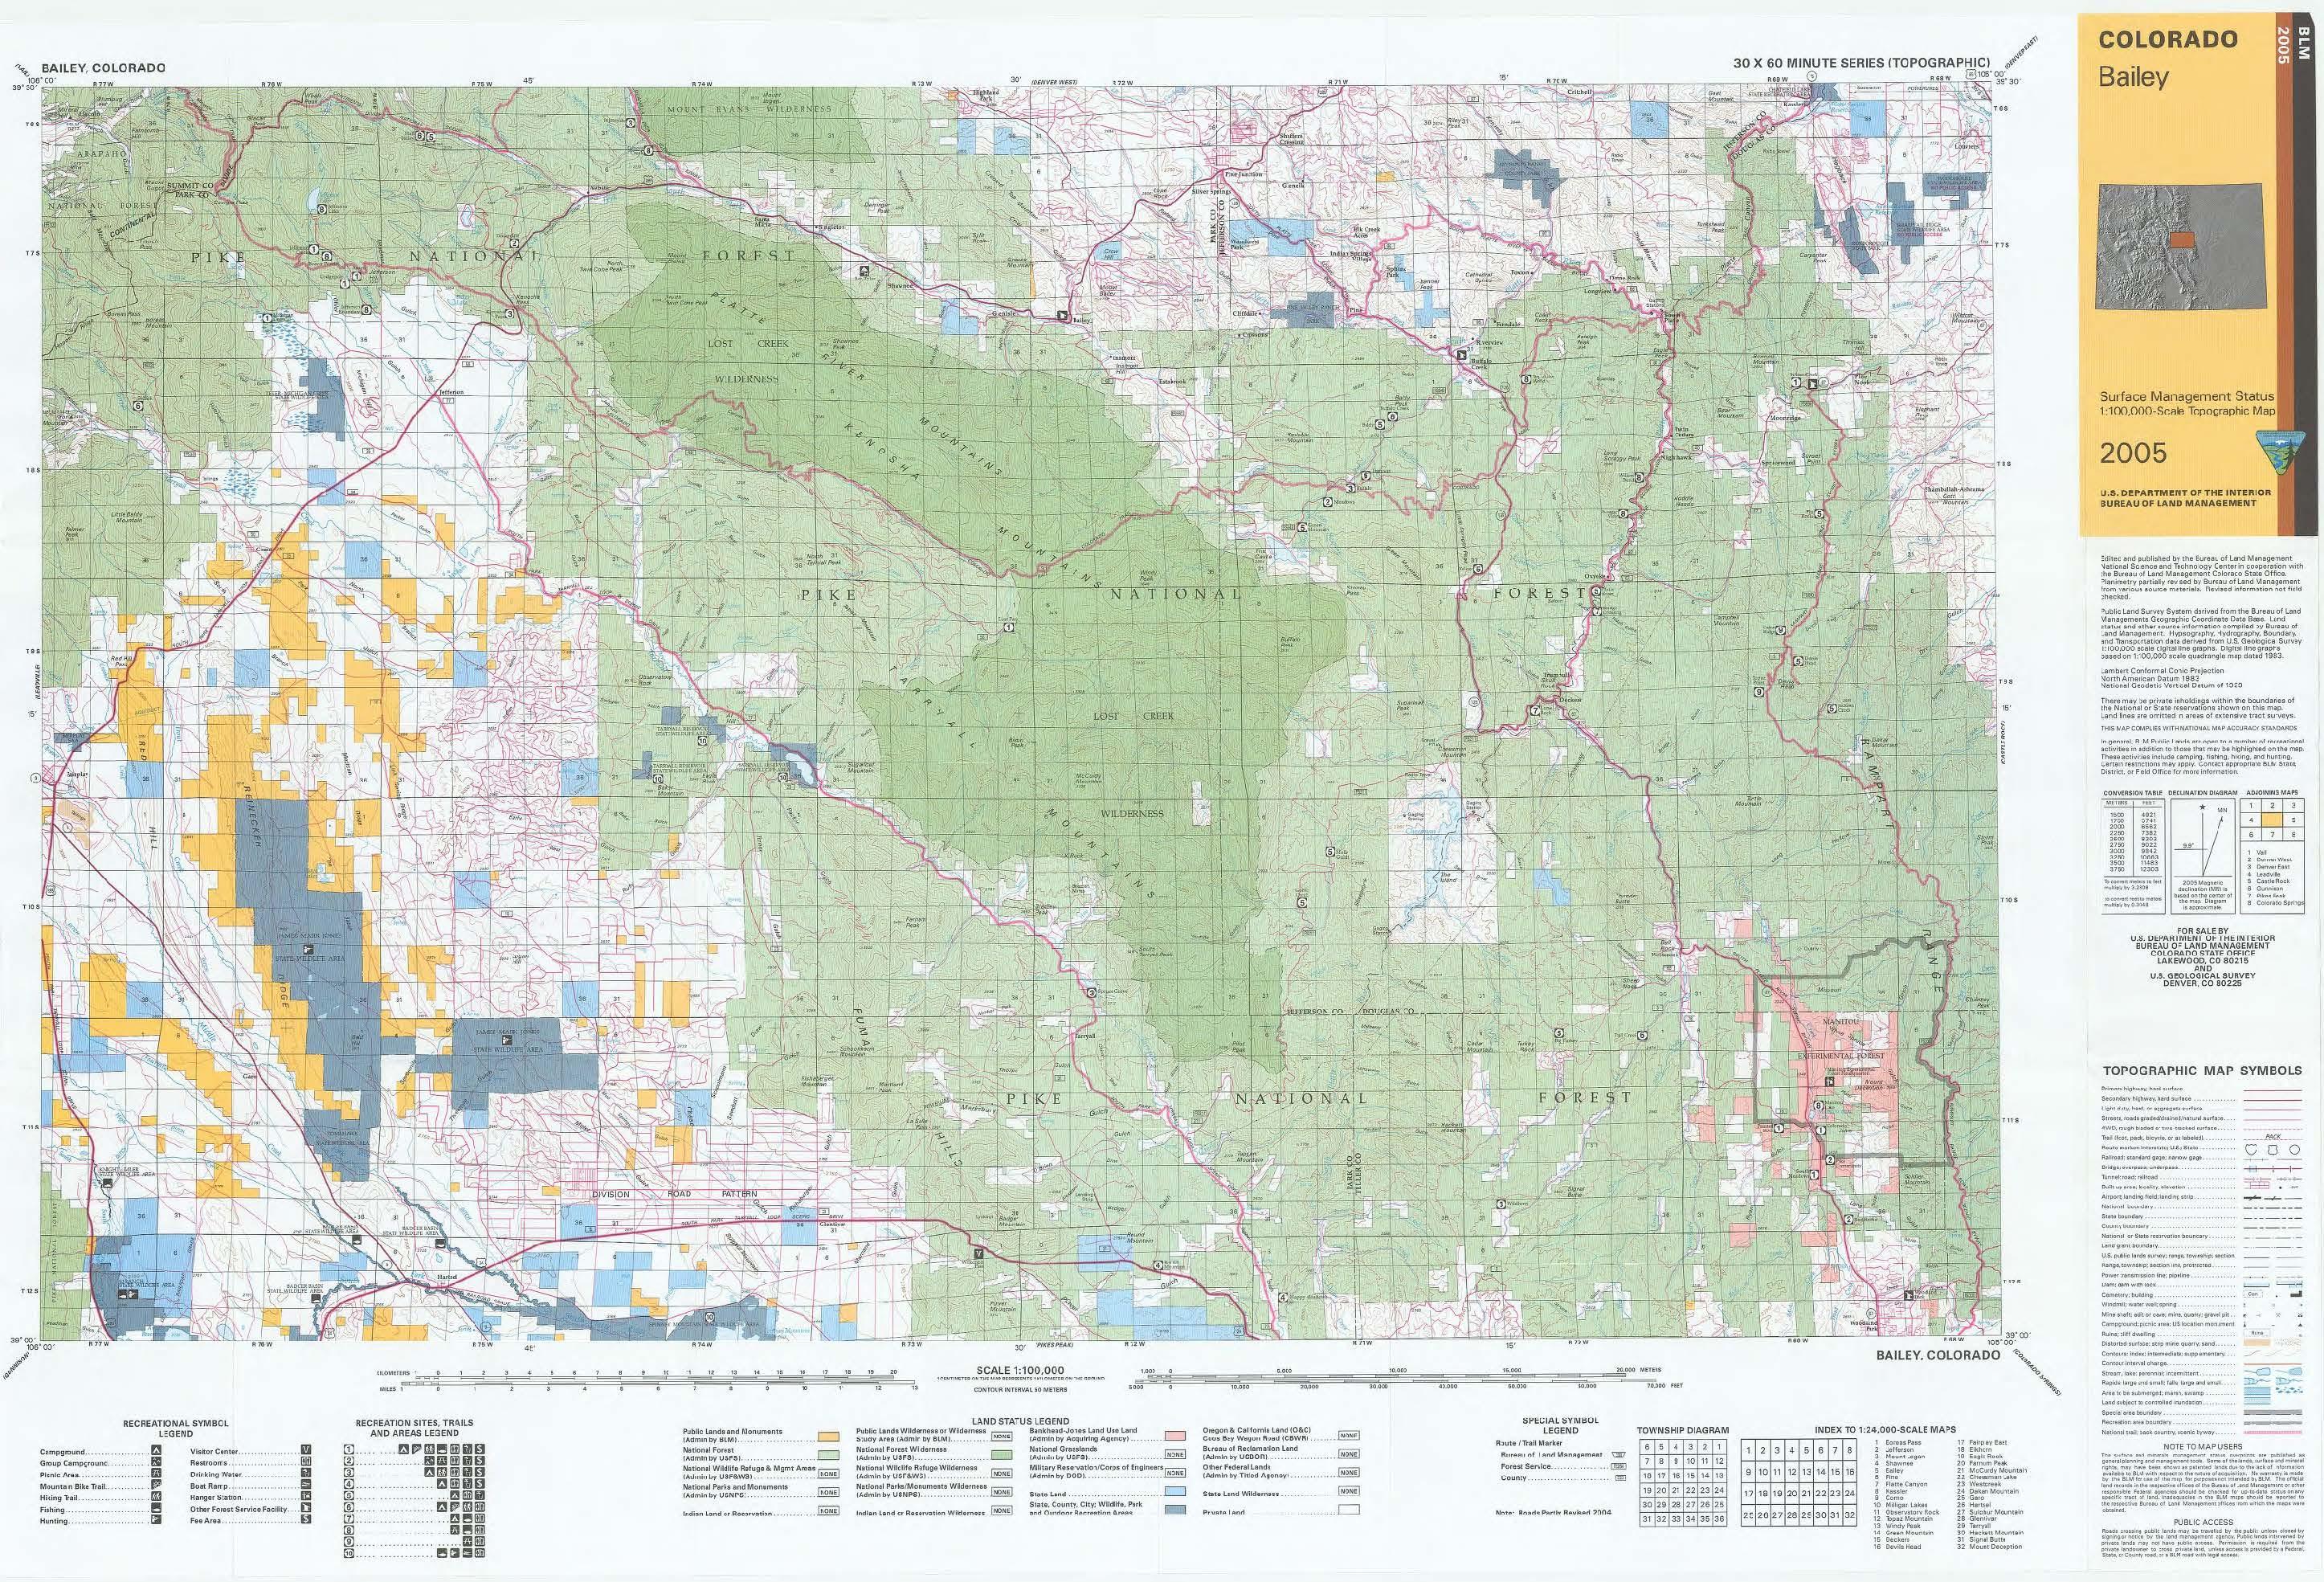 Co Surface Management Status Bailey Map Bureau Of Land Management